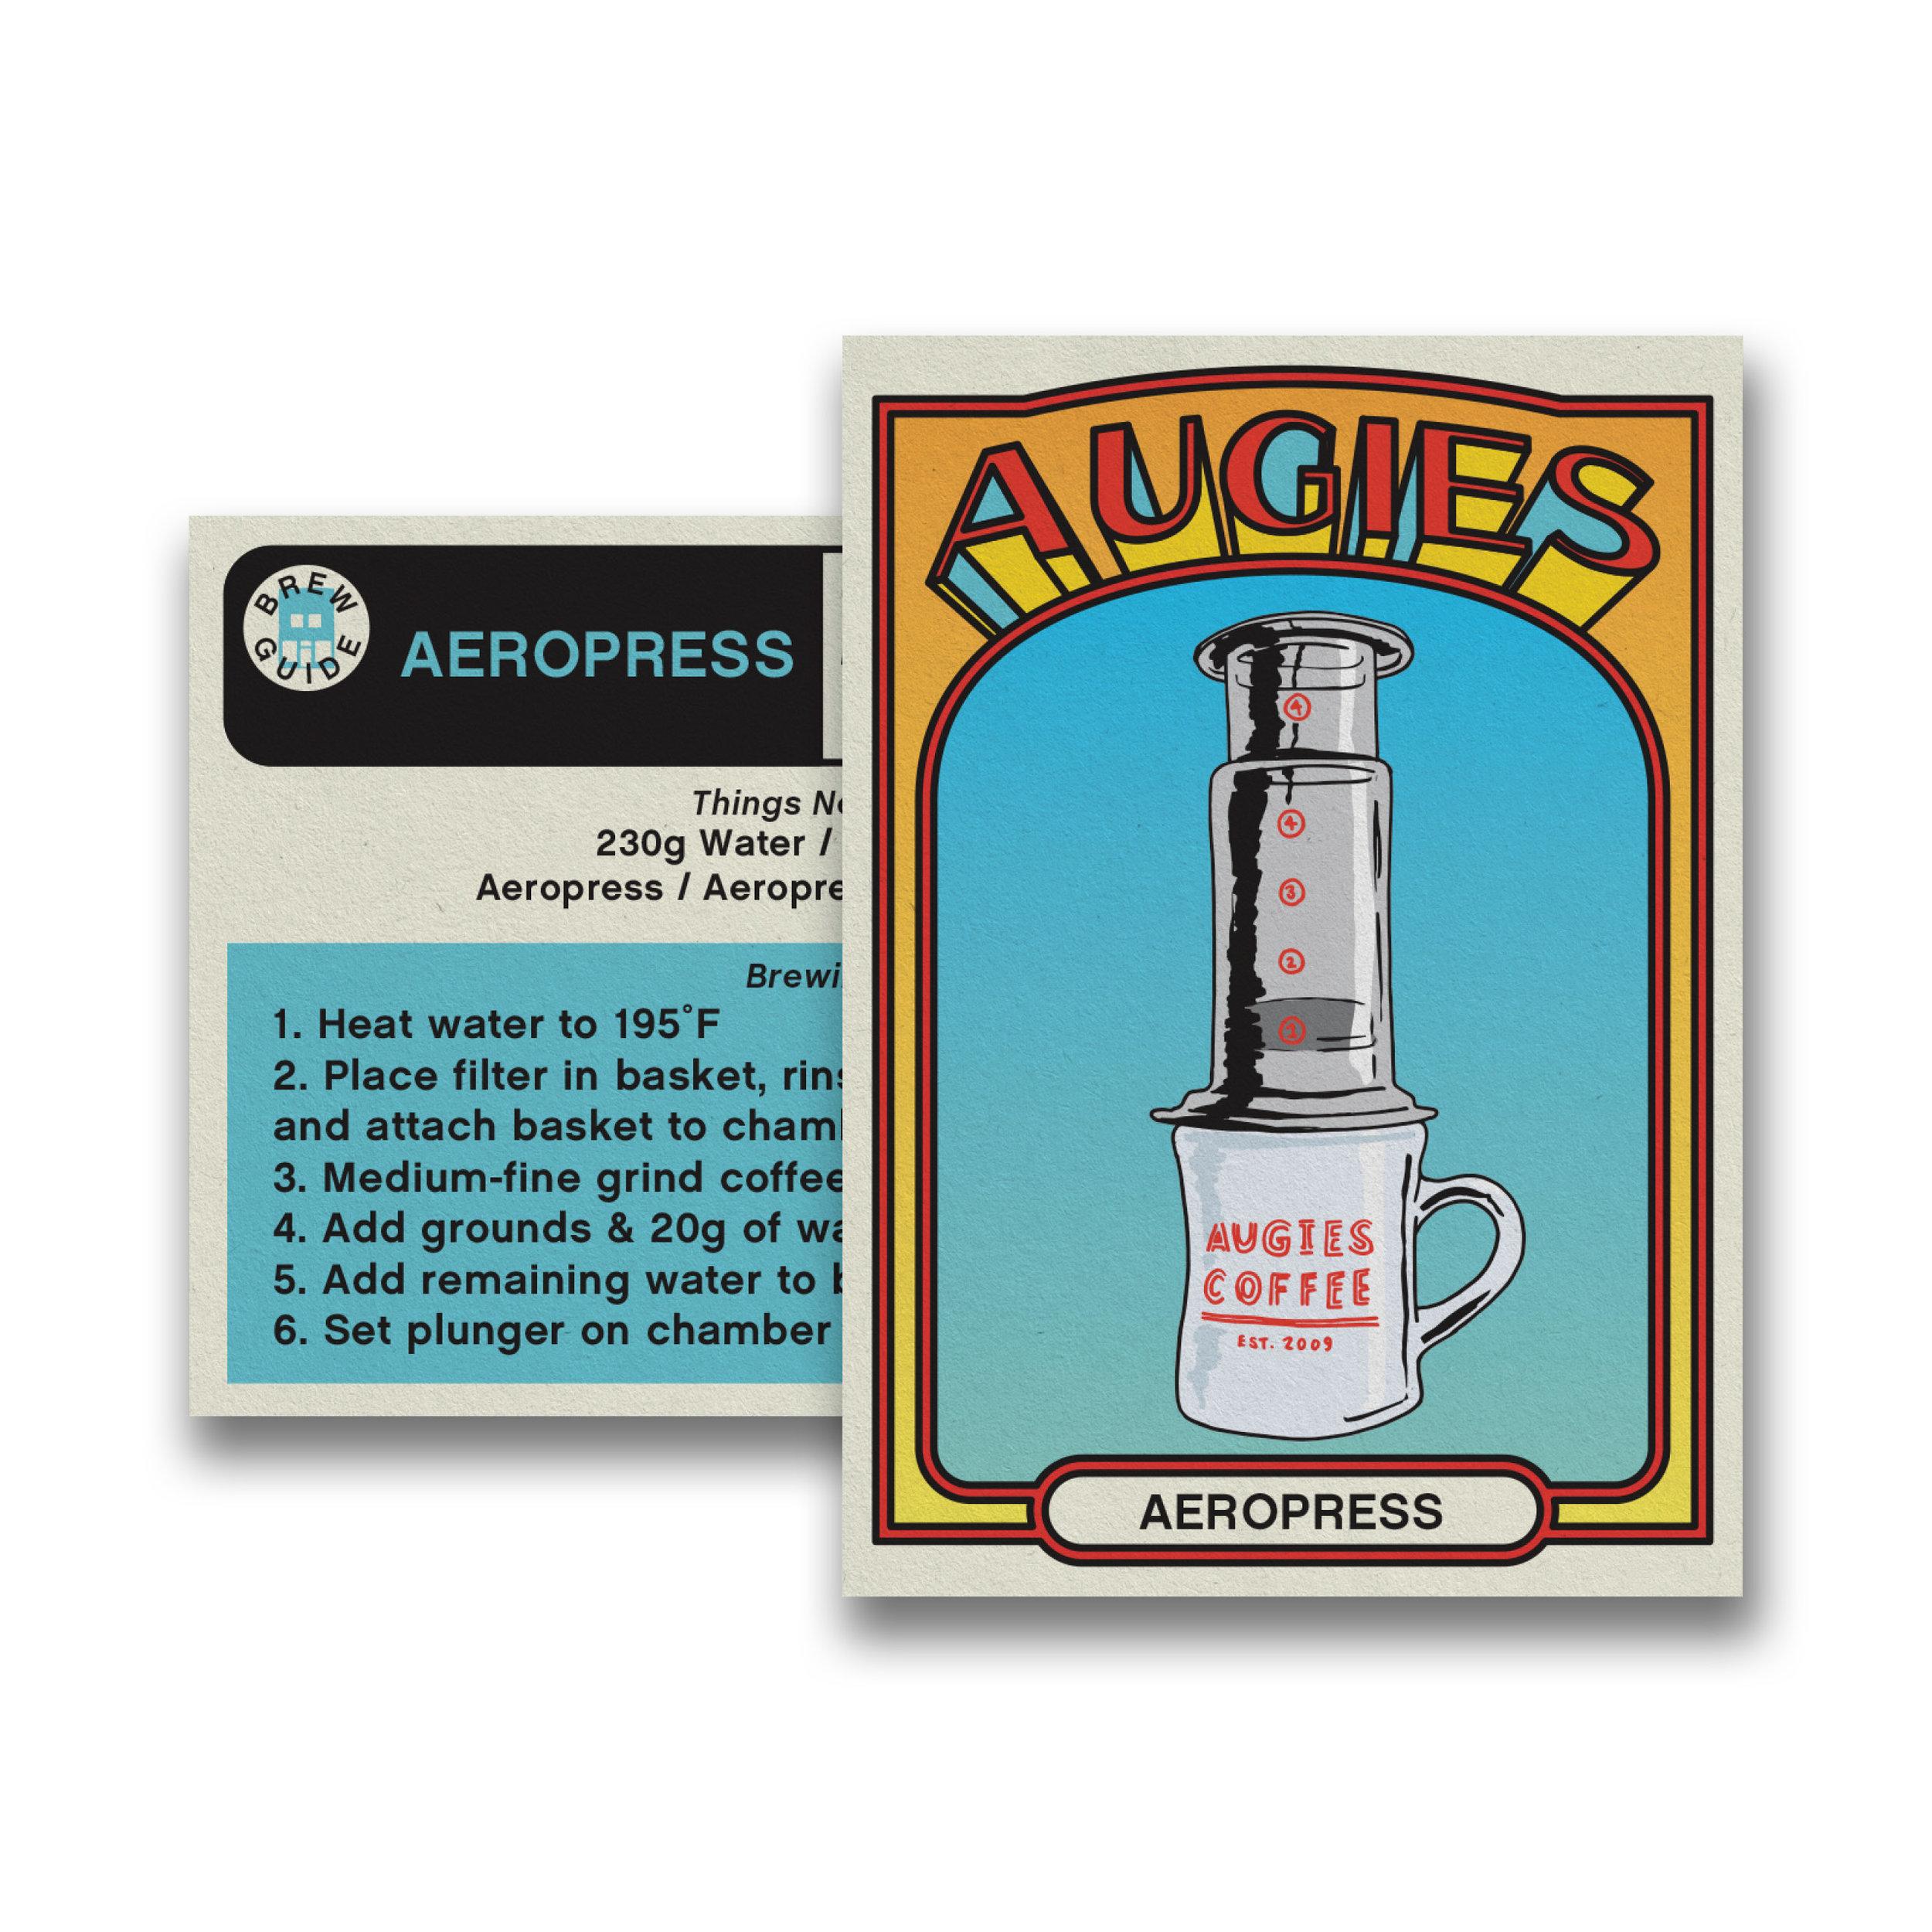 Augies-BrewCardsMock-051719.jpg